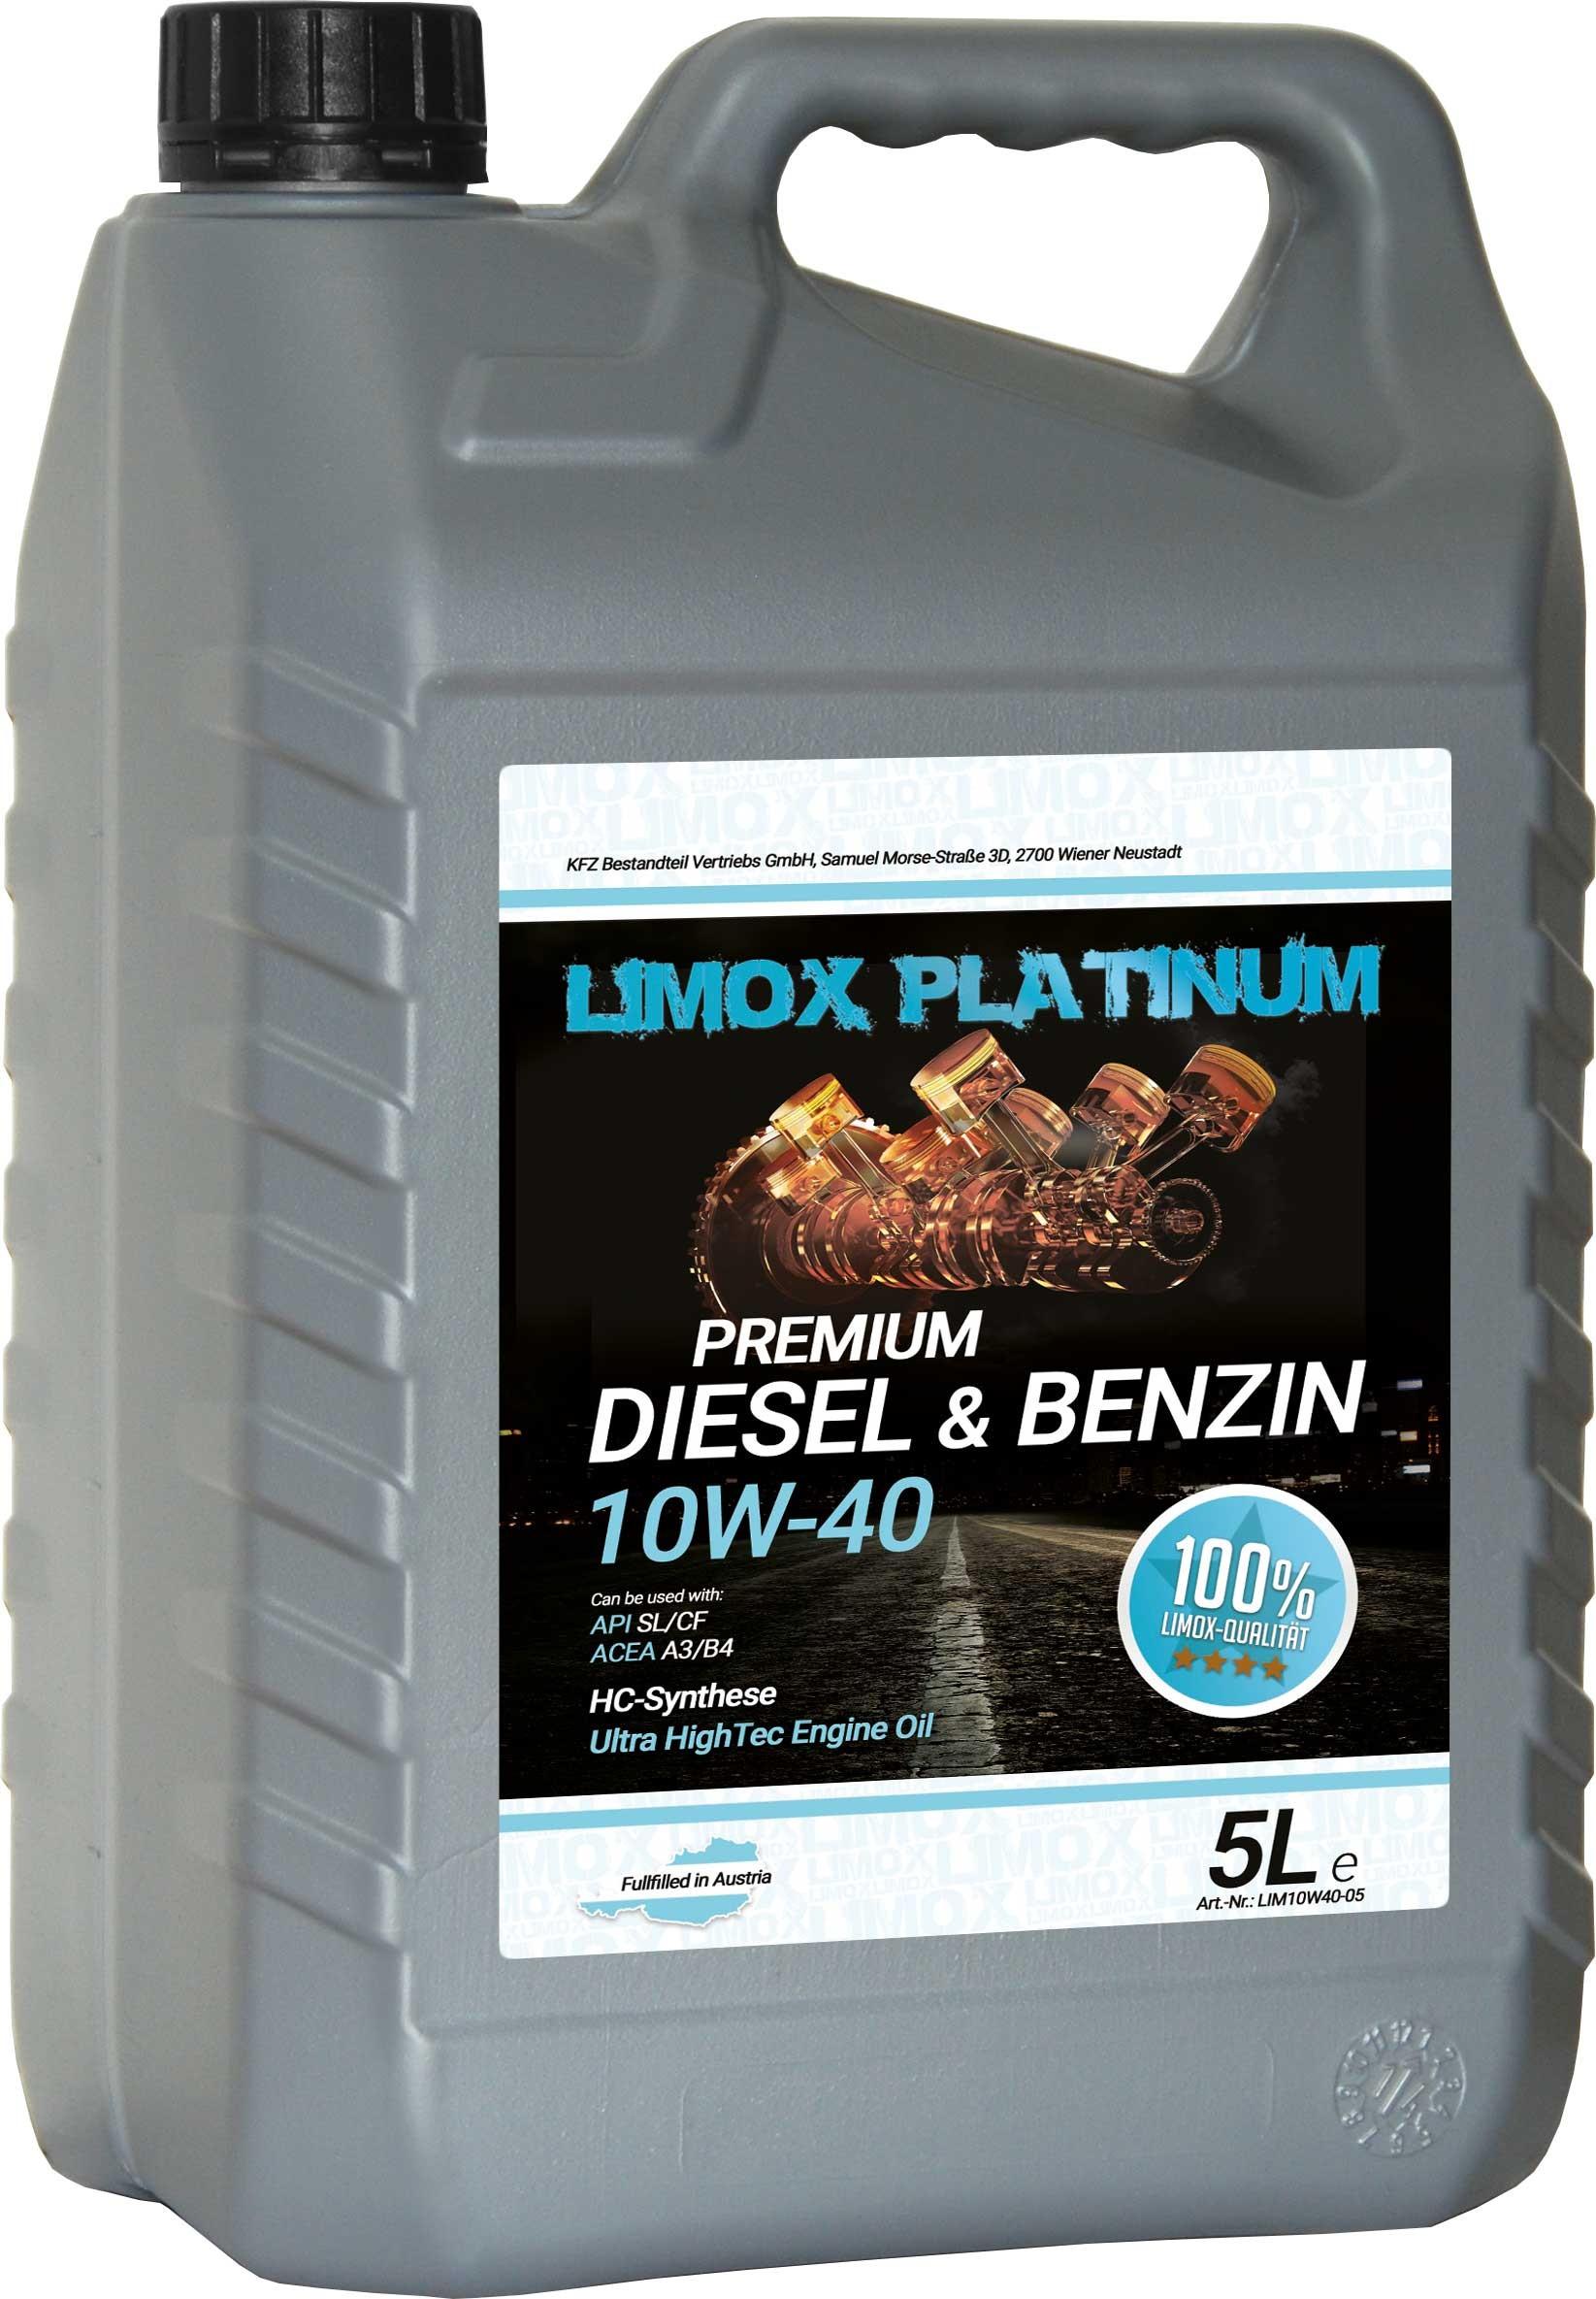 LIMOX Platinum Diesel & Benzin 10W-40 Motoröl 5Liter